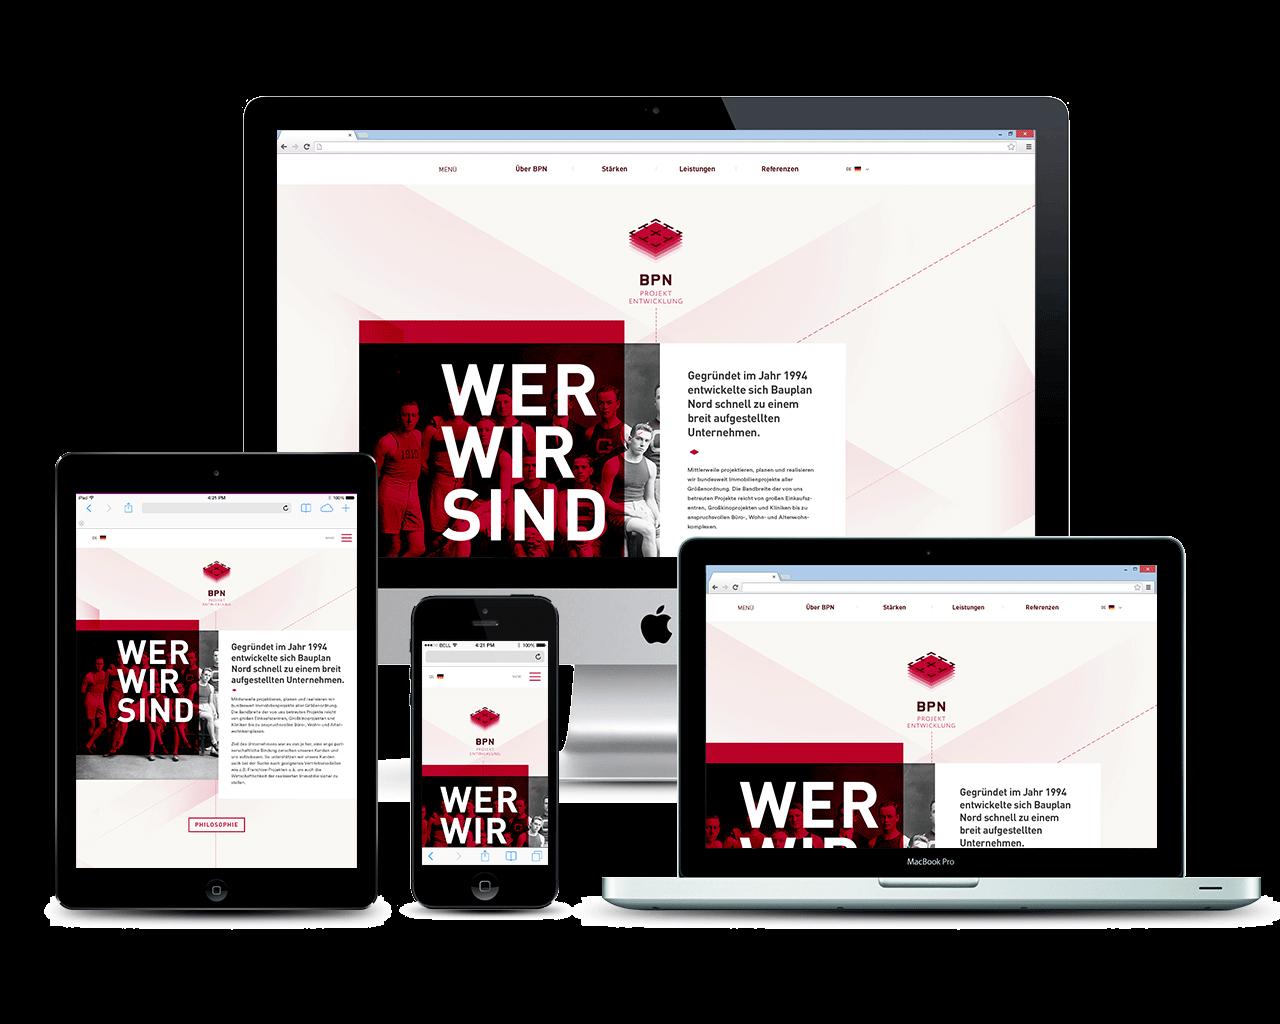 Webdesign für ein internationales Ingenieurbüro - Übersicht der Responsiven Geräte - Responsives Webdesign